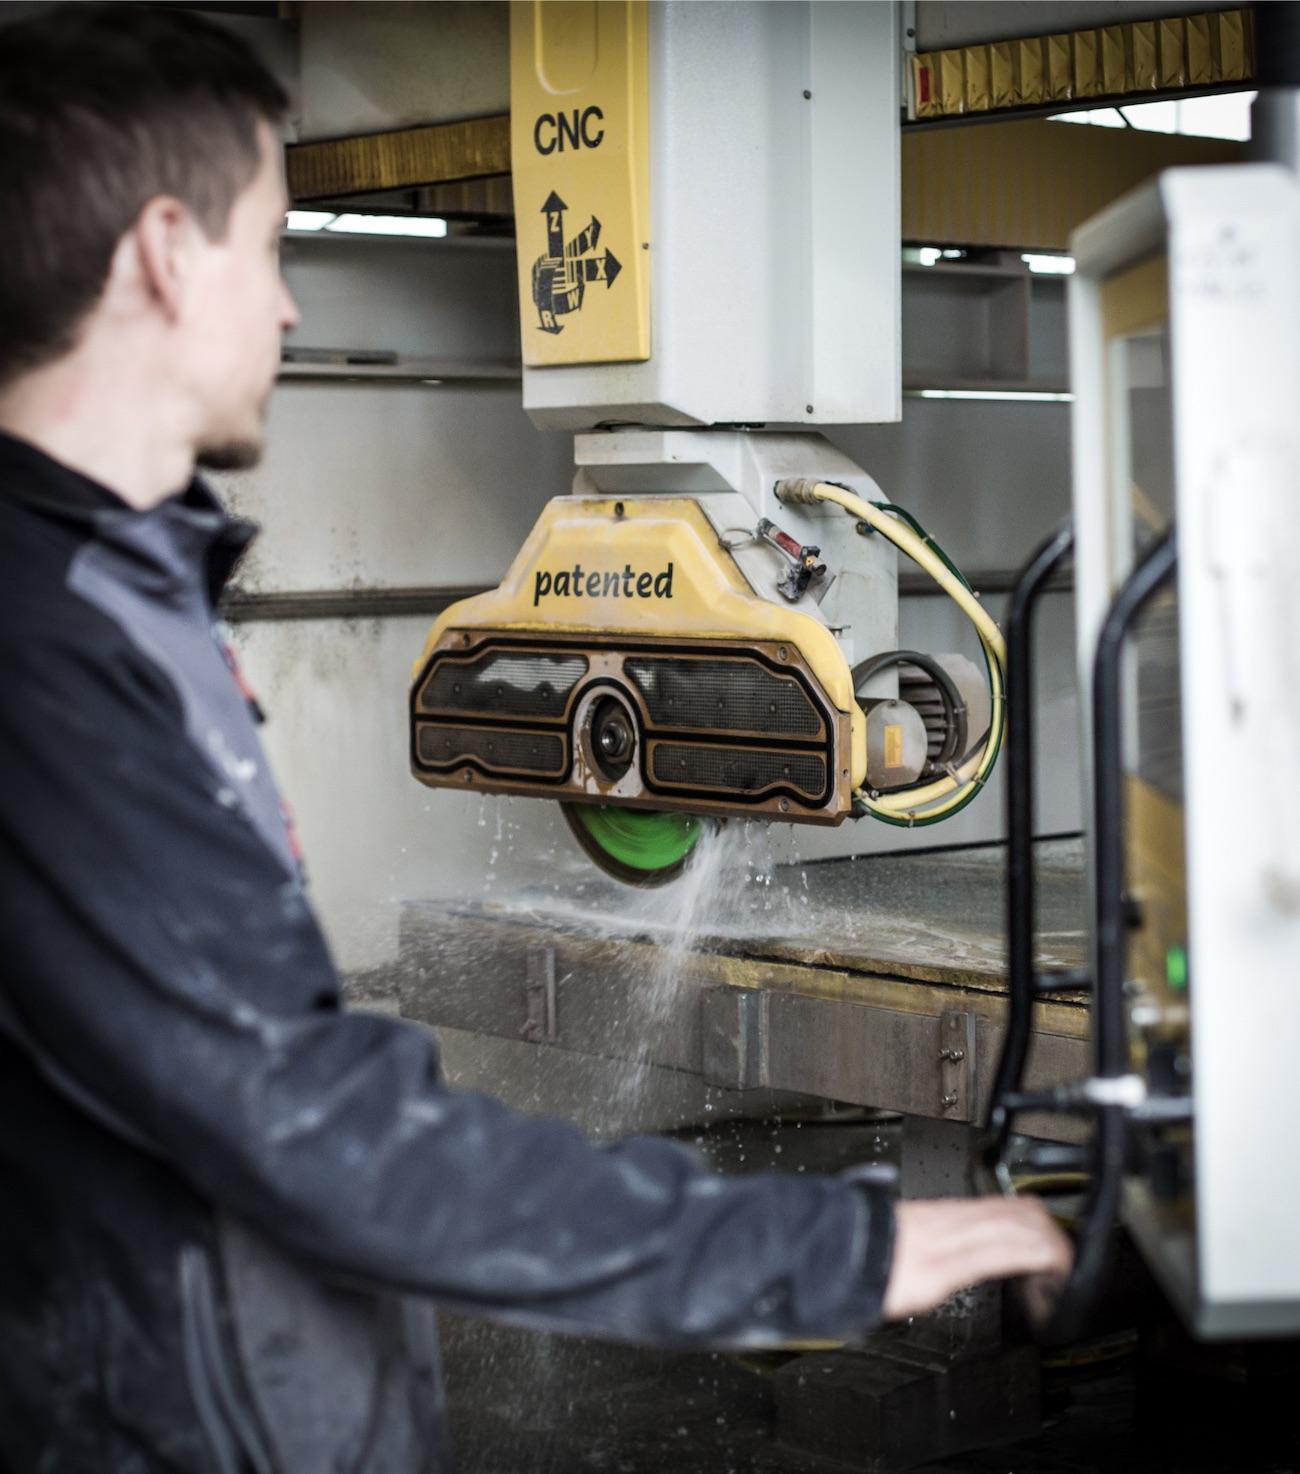 Fleck Natursteine Mitarbeiter - CNC